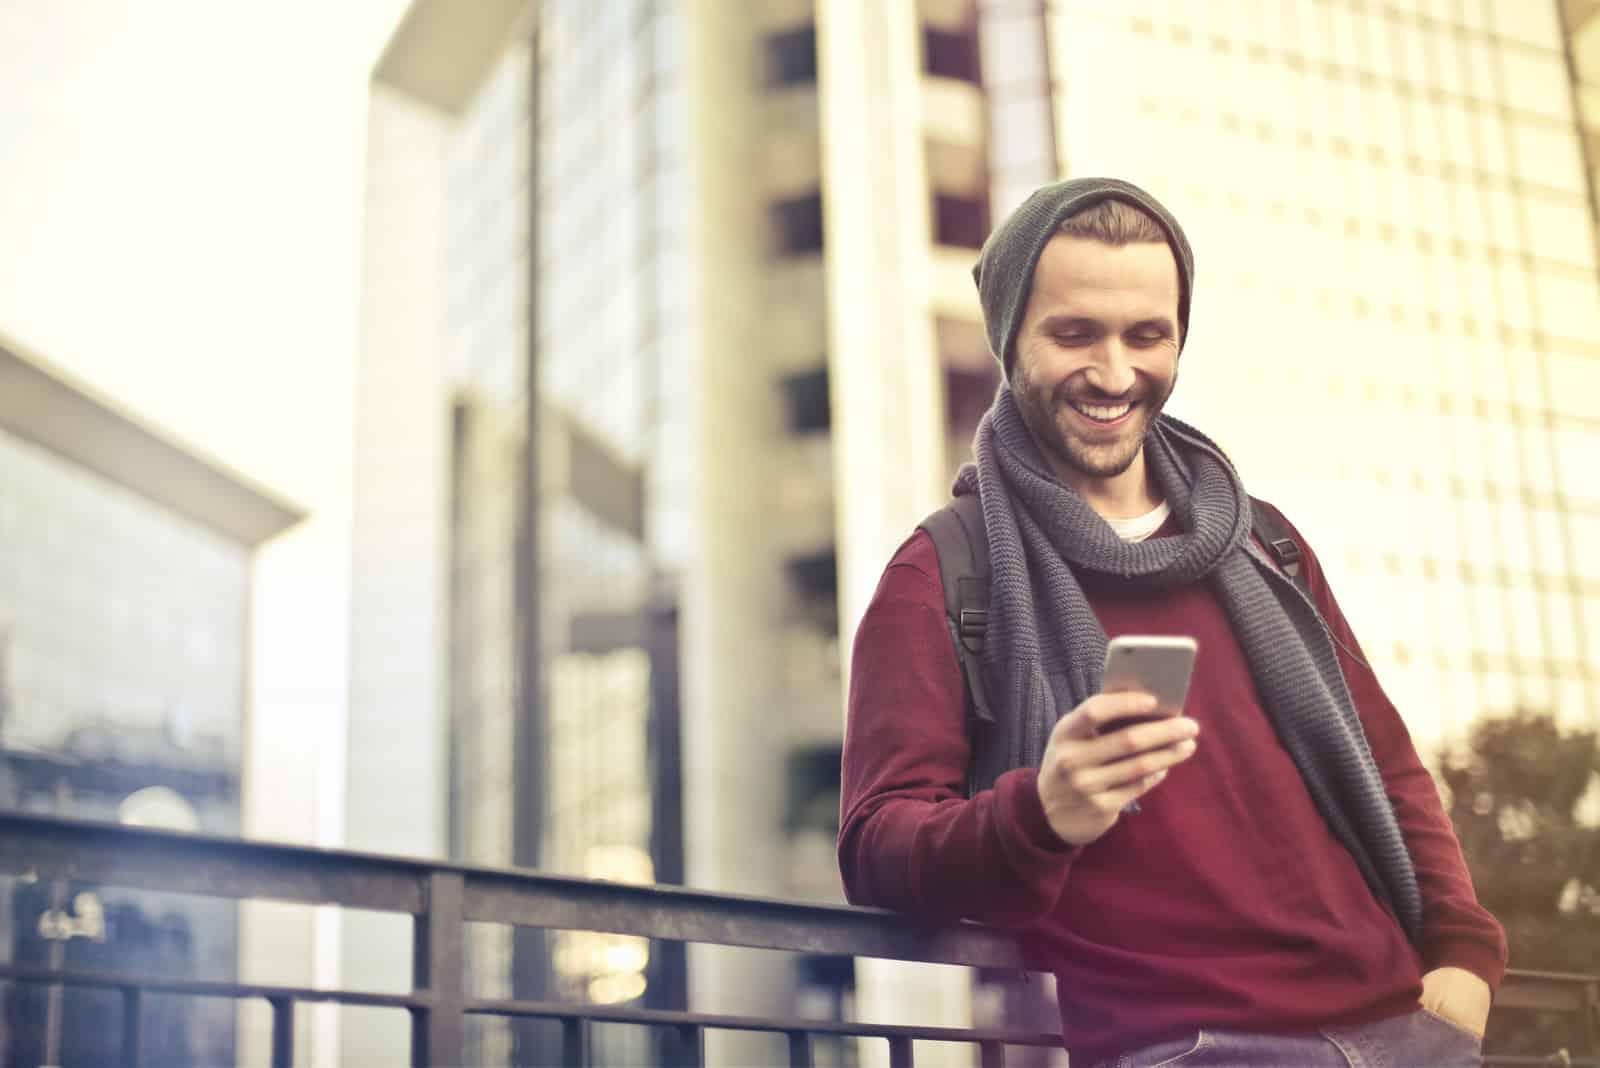 un homme souriant se tient près de la clôture et tient un téléphone dans sa main